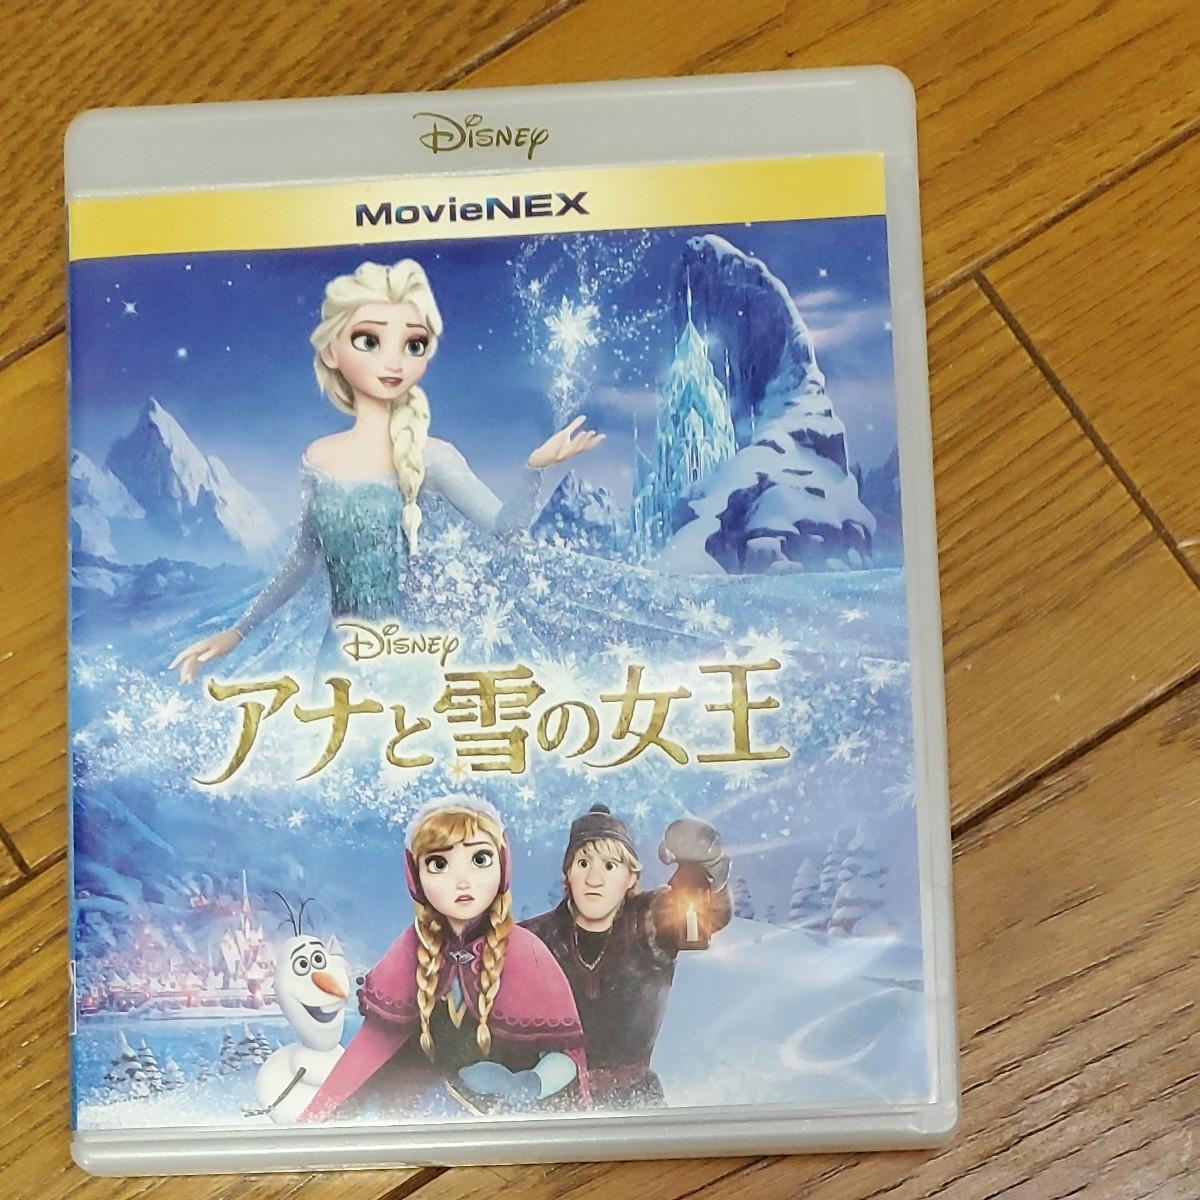 アナと雪の女王 Blu-ray アナ雪 ブルーレイ BD